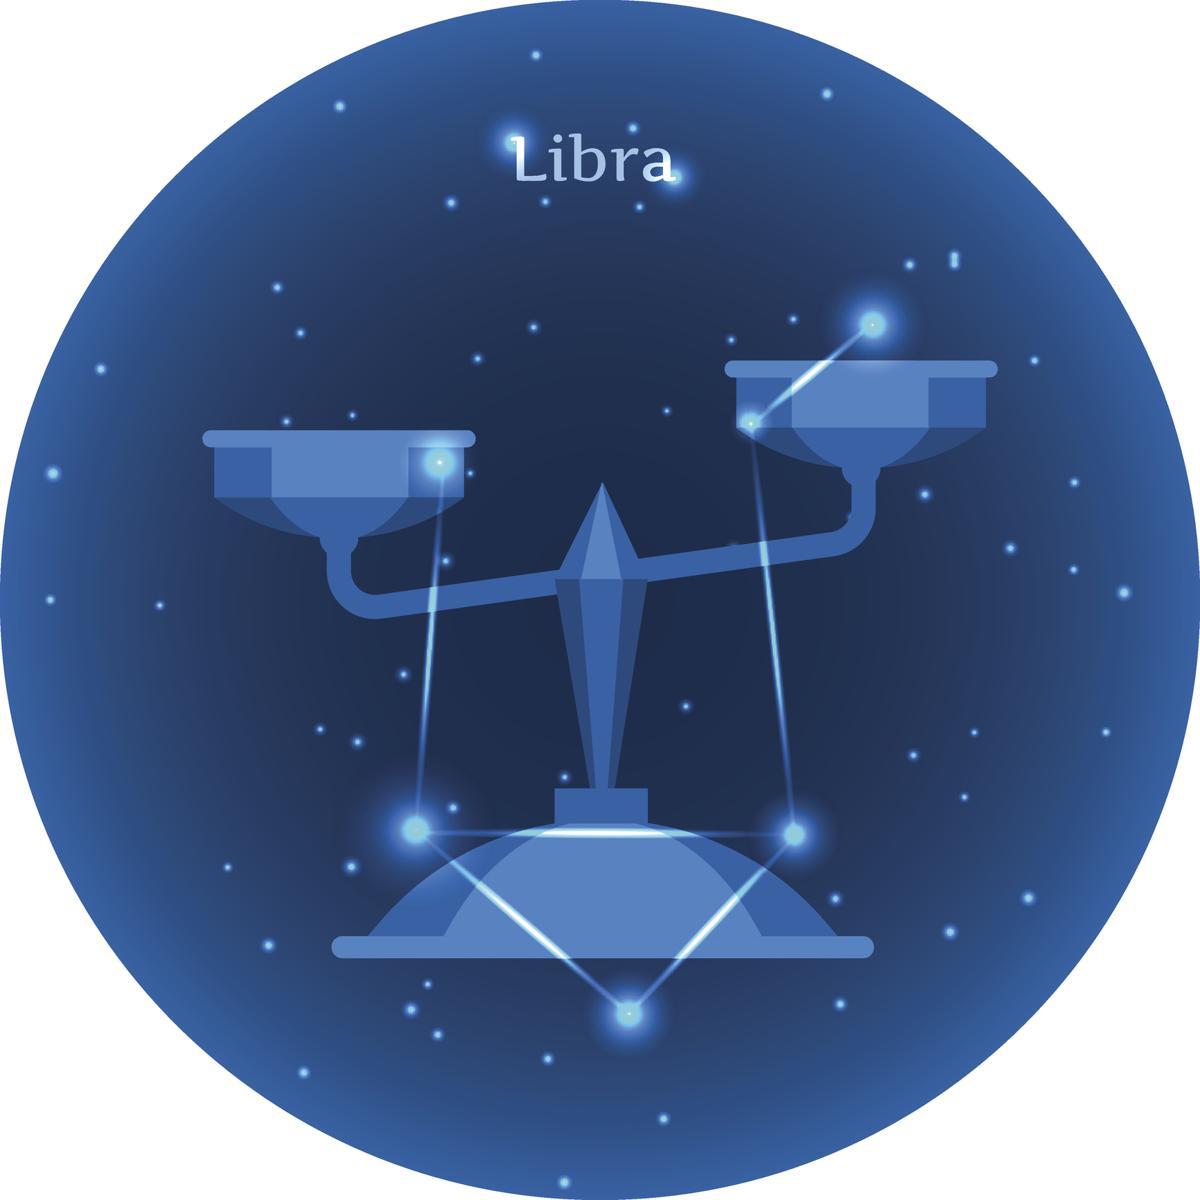 Unique Personality Traits of the Zodiac Sign Libra